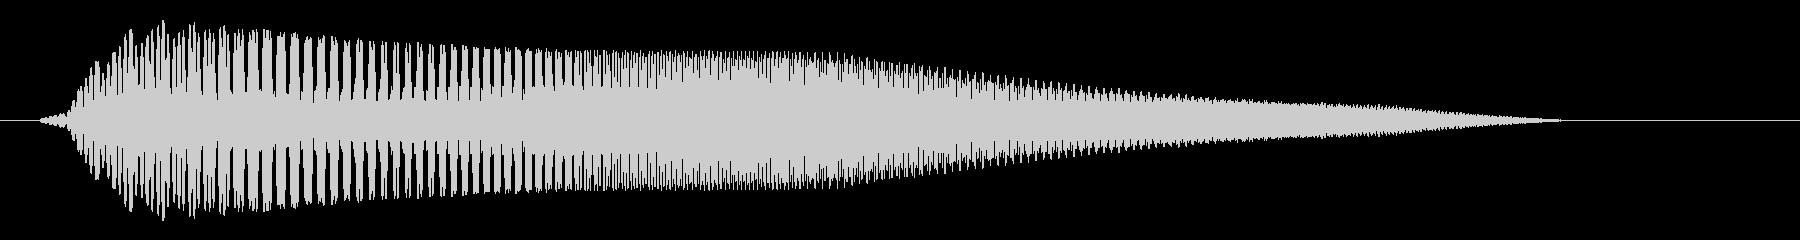 跳ねる様なパワーアップ音の未再生の波形